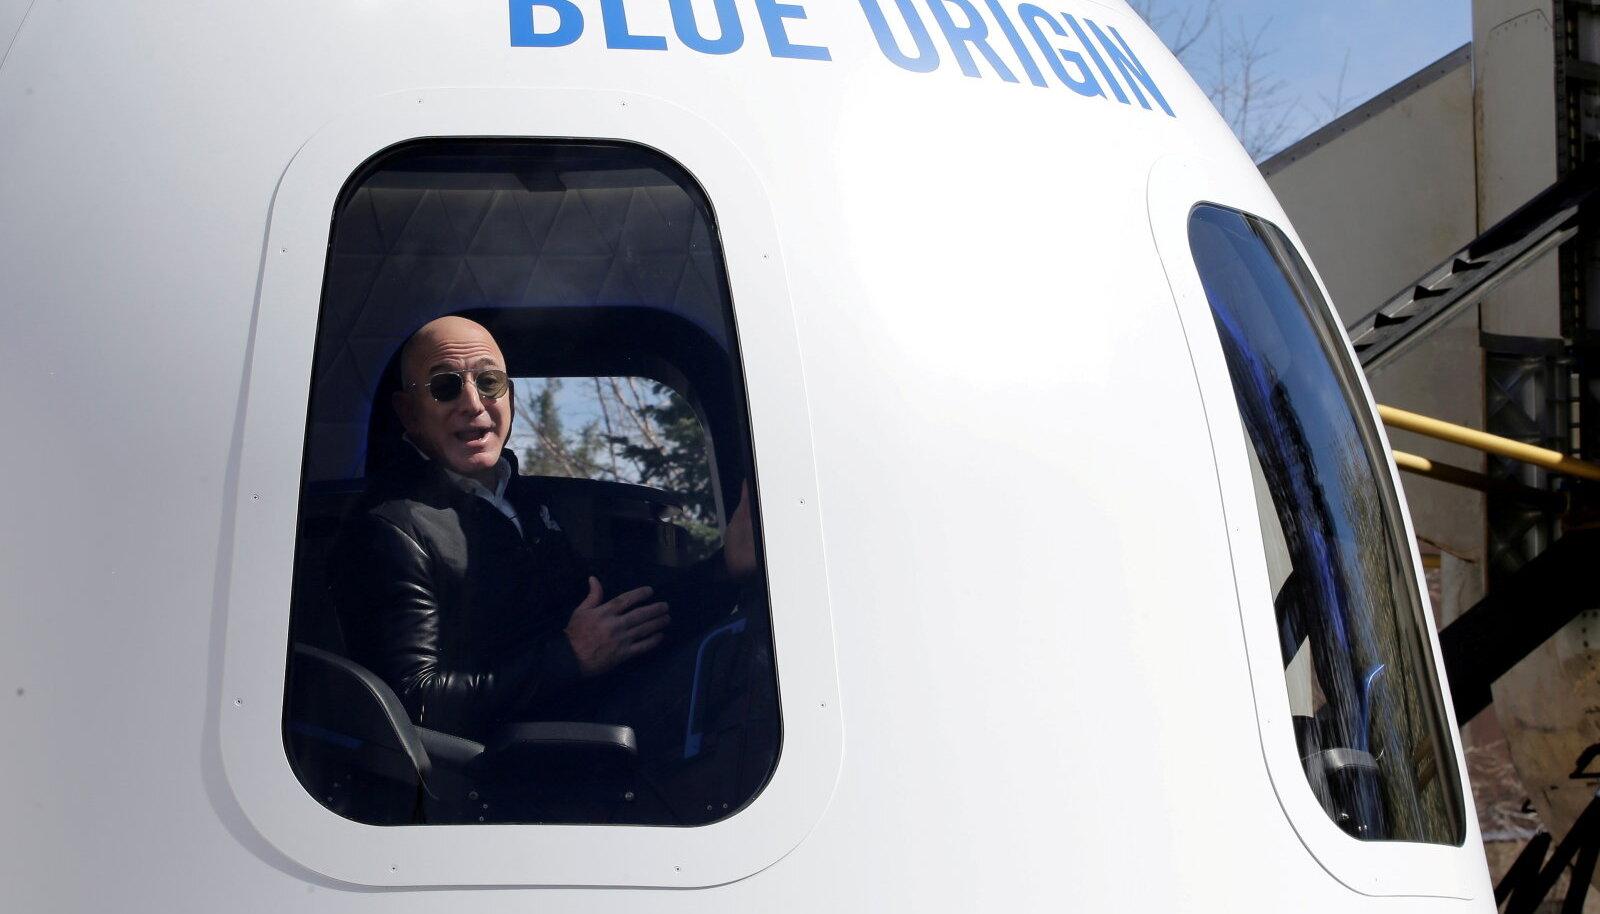 Jeff Bezos naaseb kosmoseskäigu järel koju umbes sellises kapslis – pildil nähtav on siiski võltskapsel, mis loodud meediaürituse jaoks (foto: REUTERS / Scanpix)